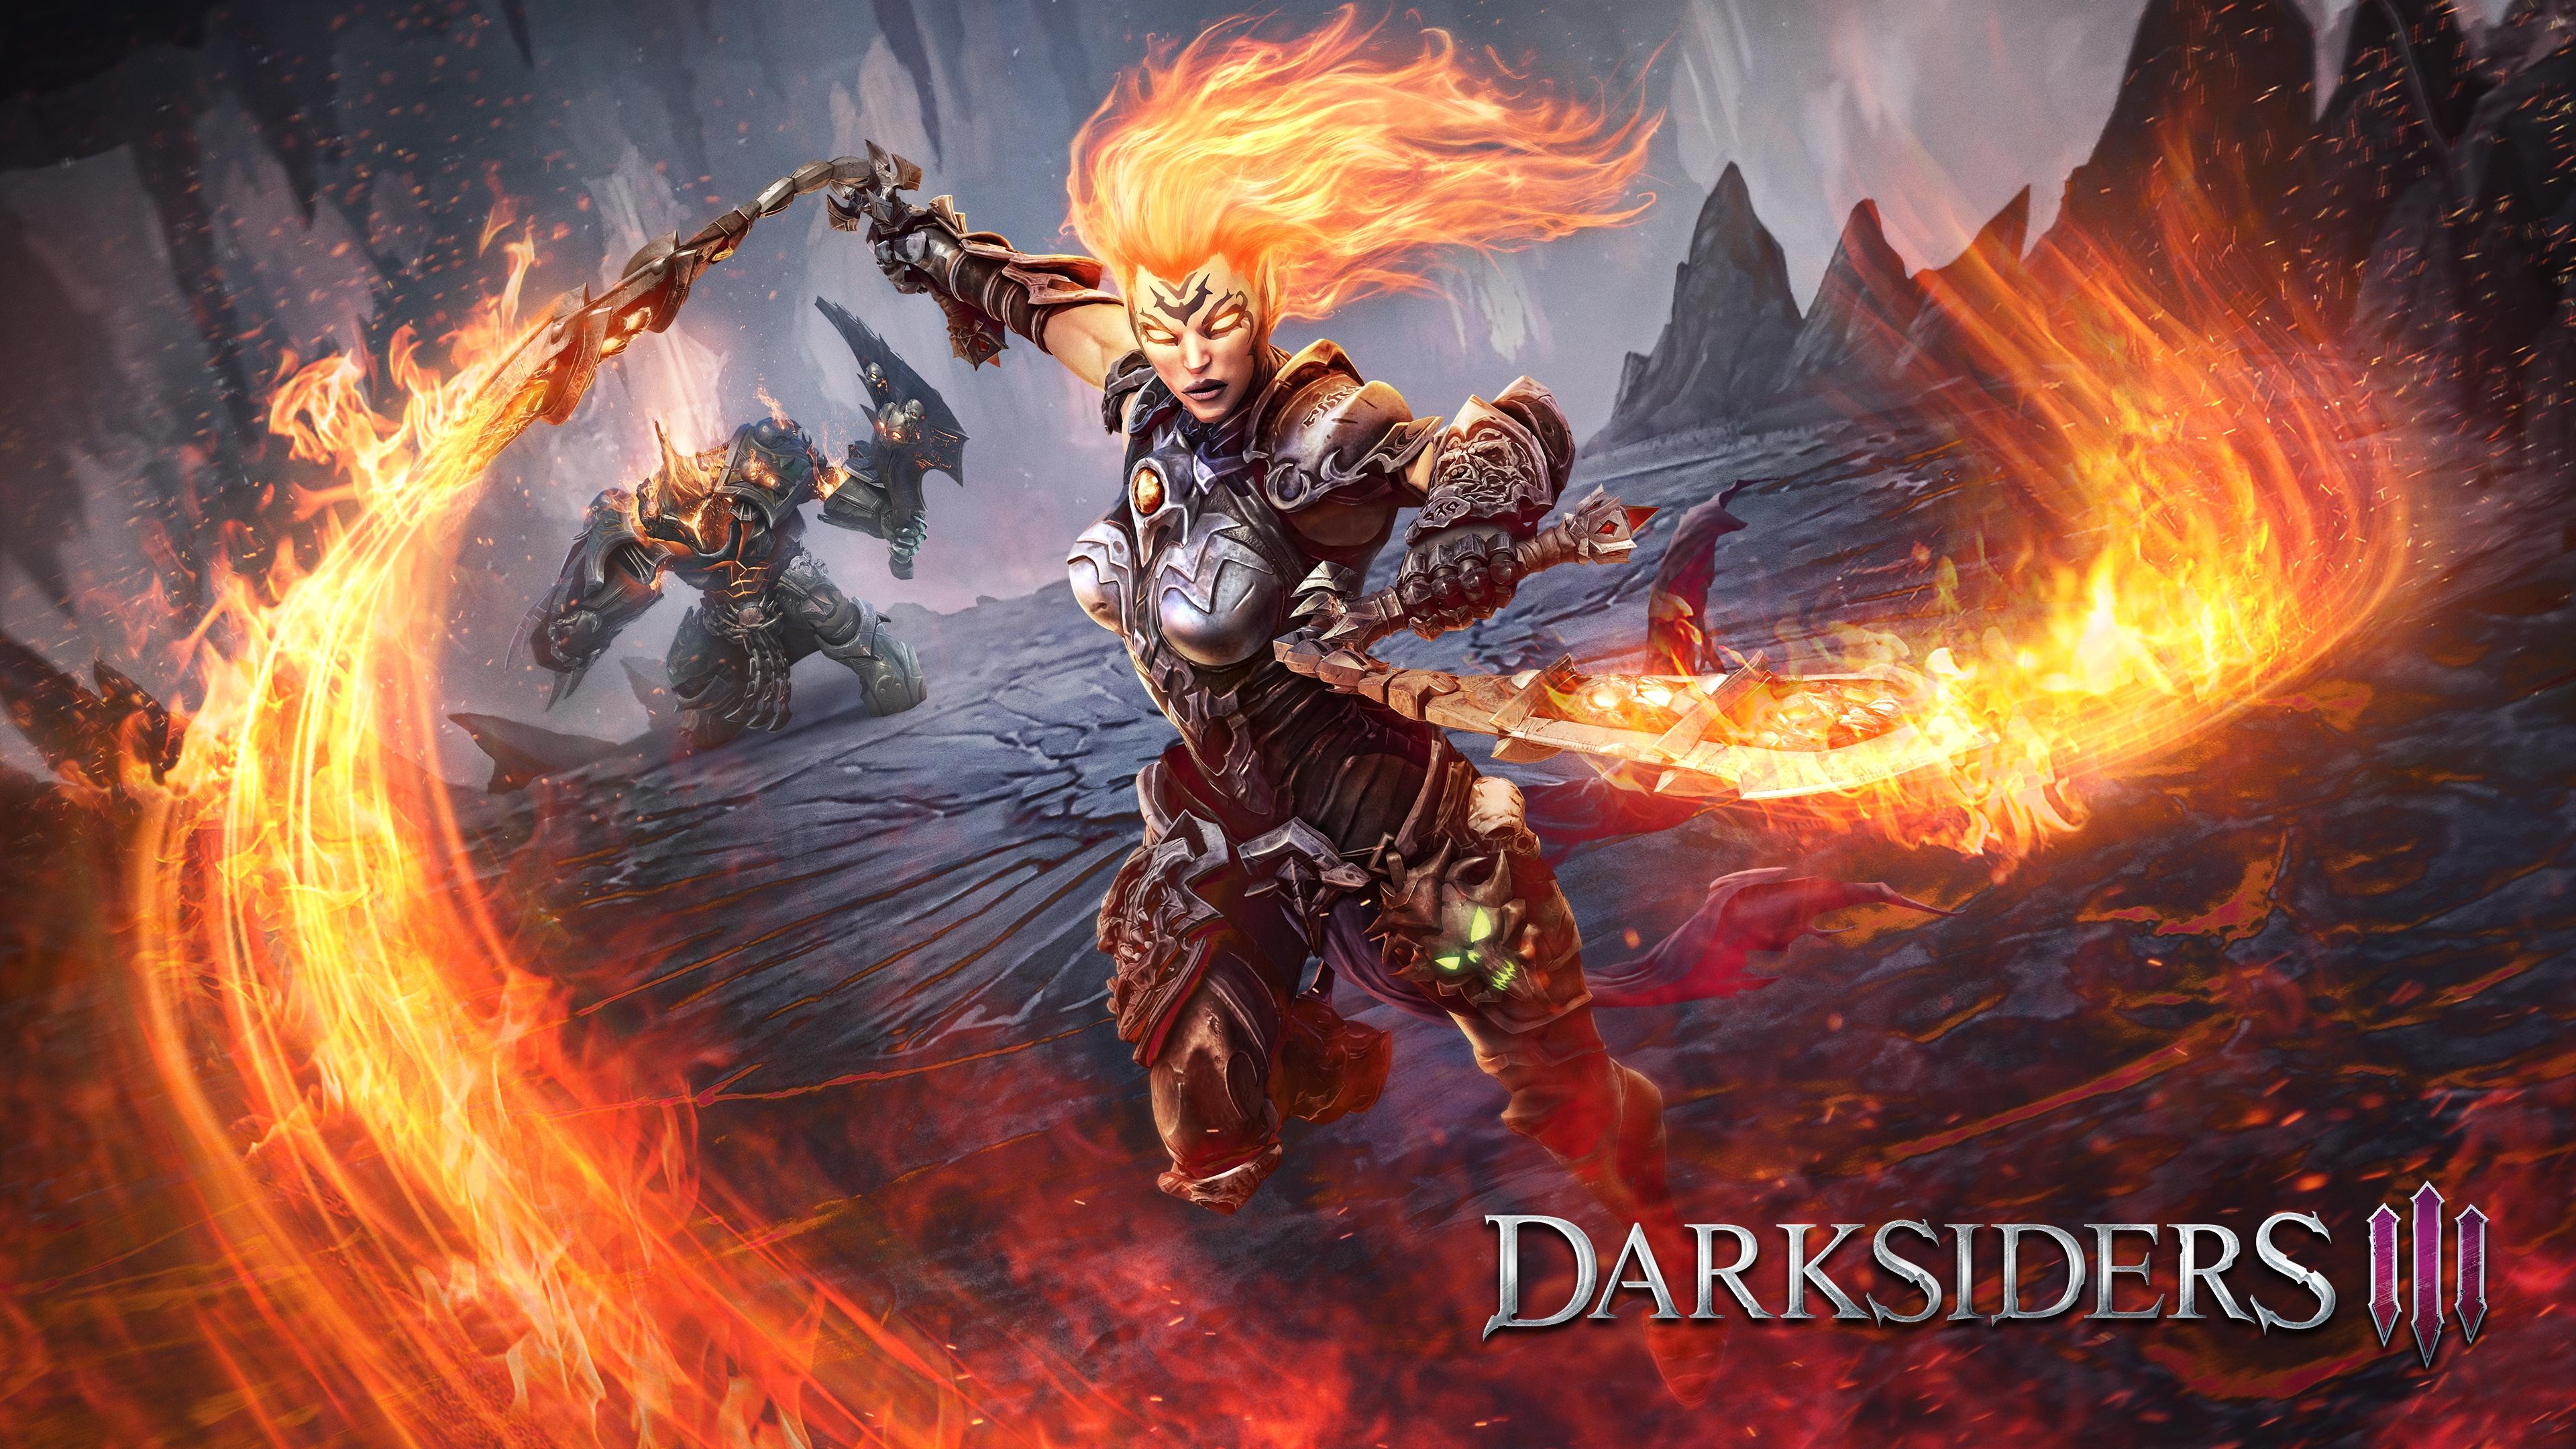 Darksiders 3 - Darksiders 3 4K, Арт